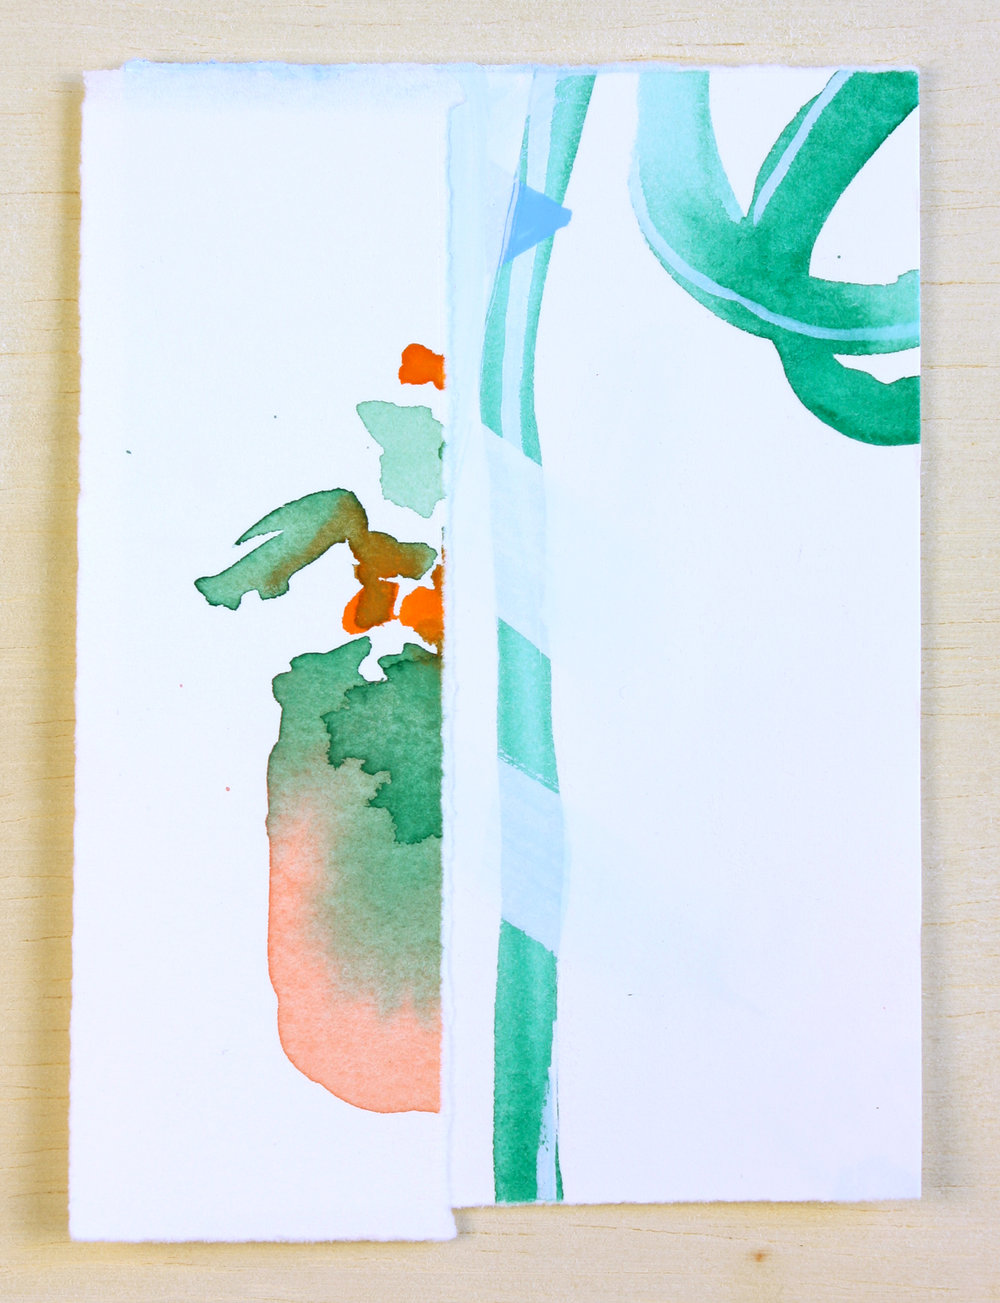 Phoenix Patio #4 (sold)